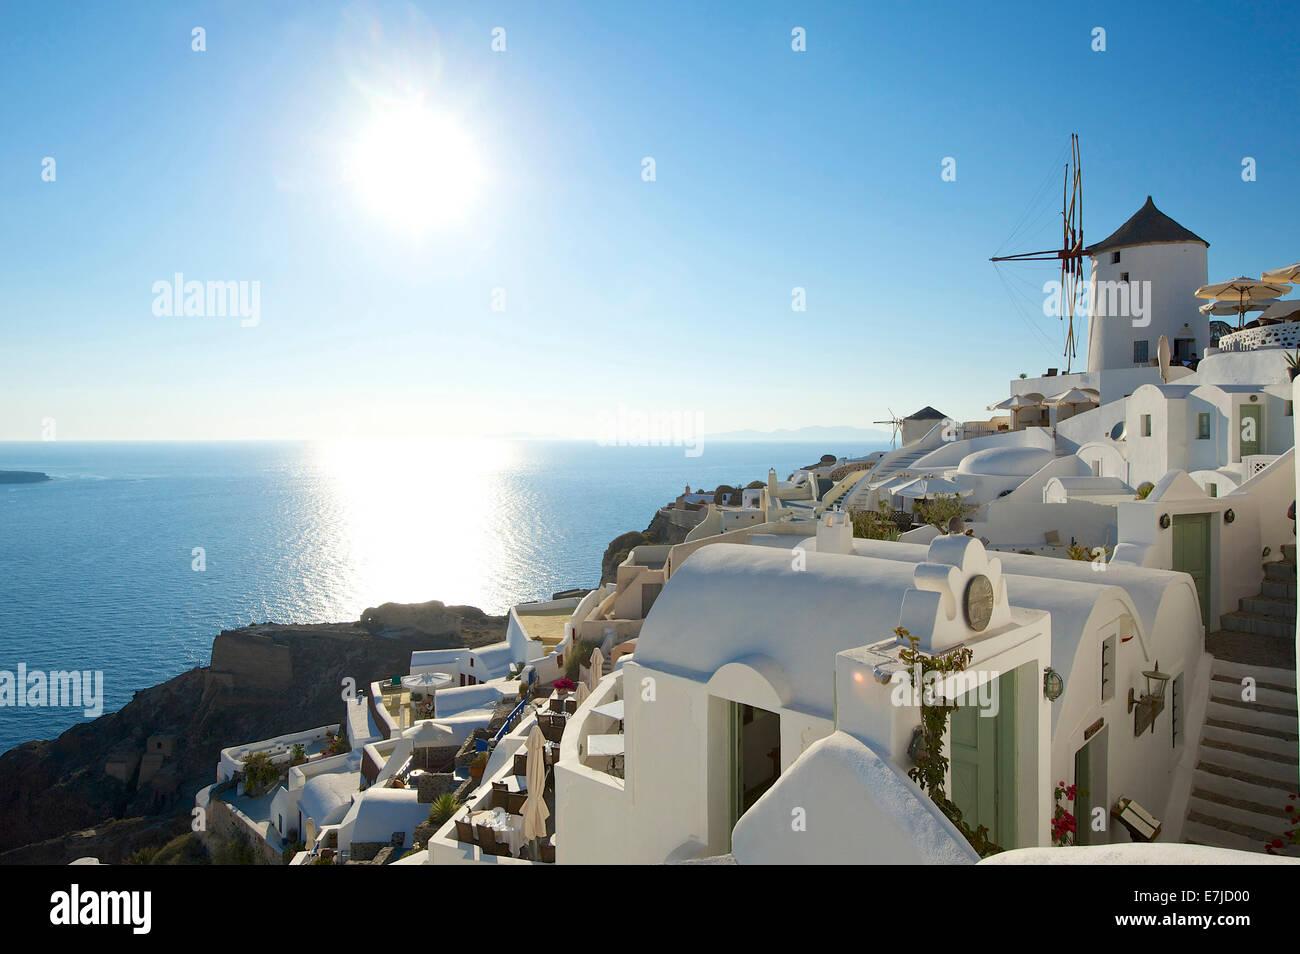 La Grecia, Europa, Cicladi, isola, isola, isole greche, esterno, Mare mediterraneo, giorno, nessuno, Santorini  Immagini Stock